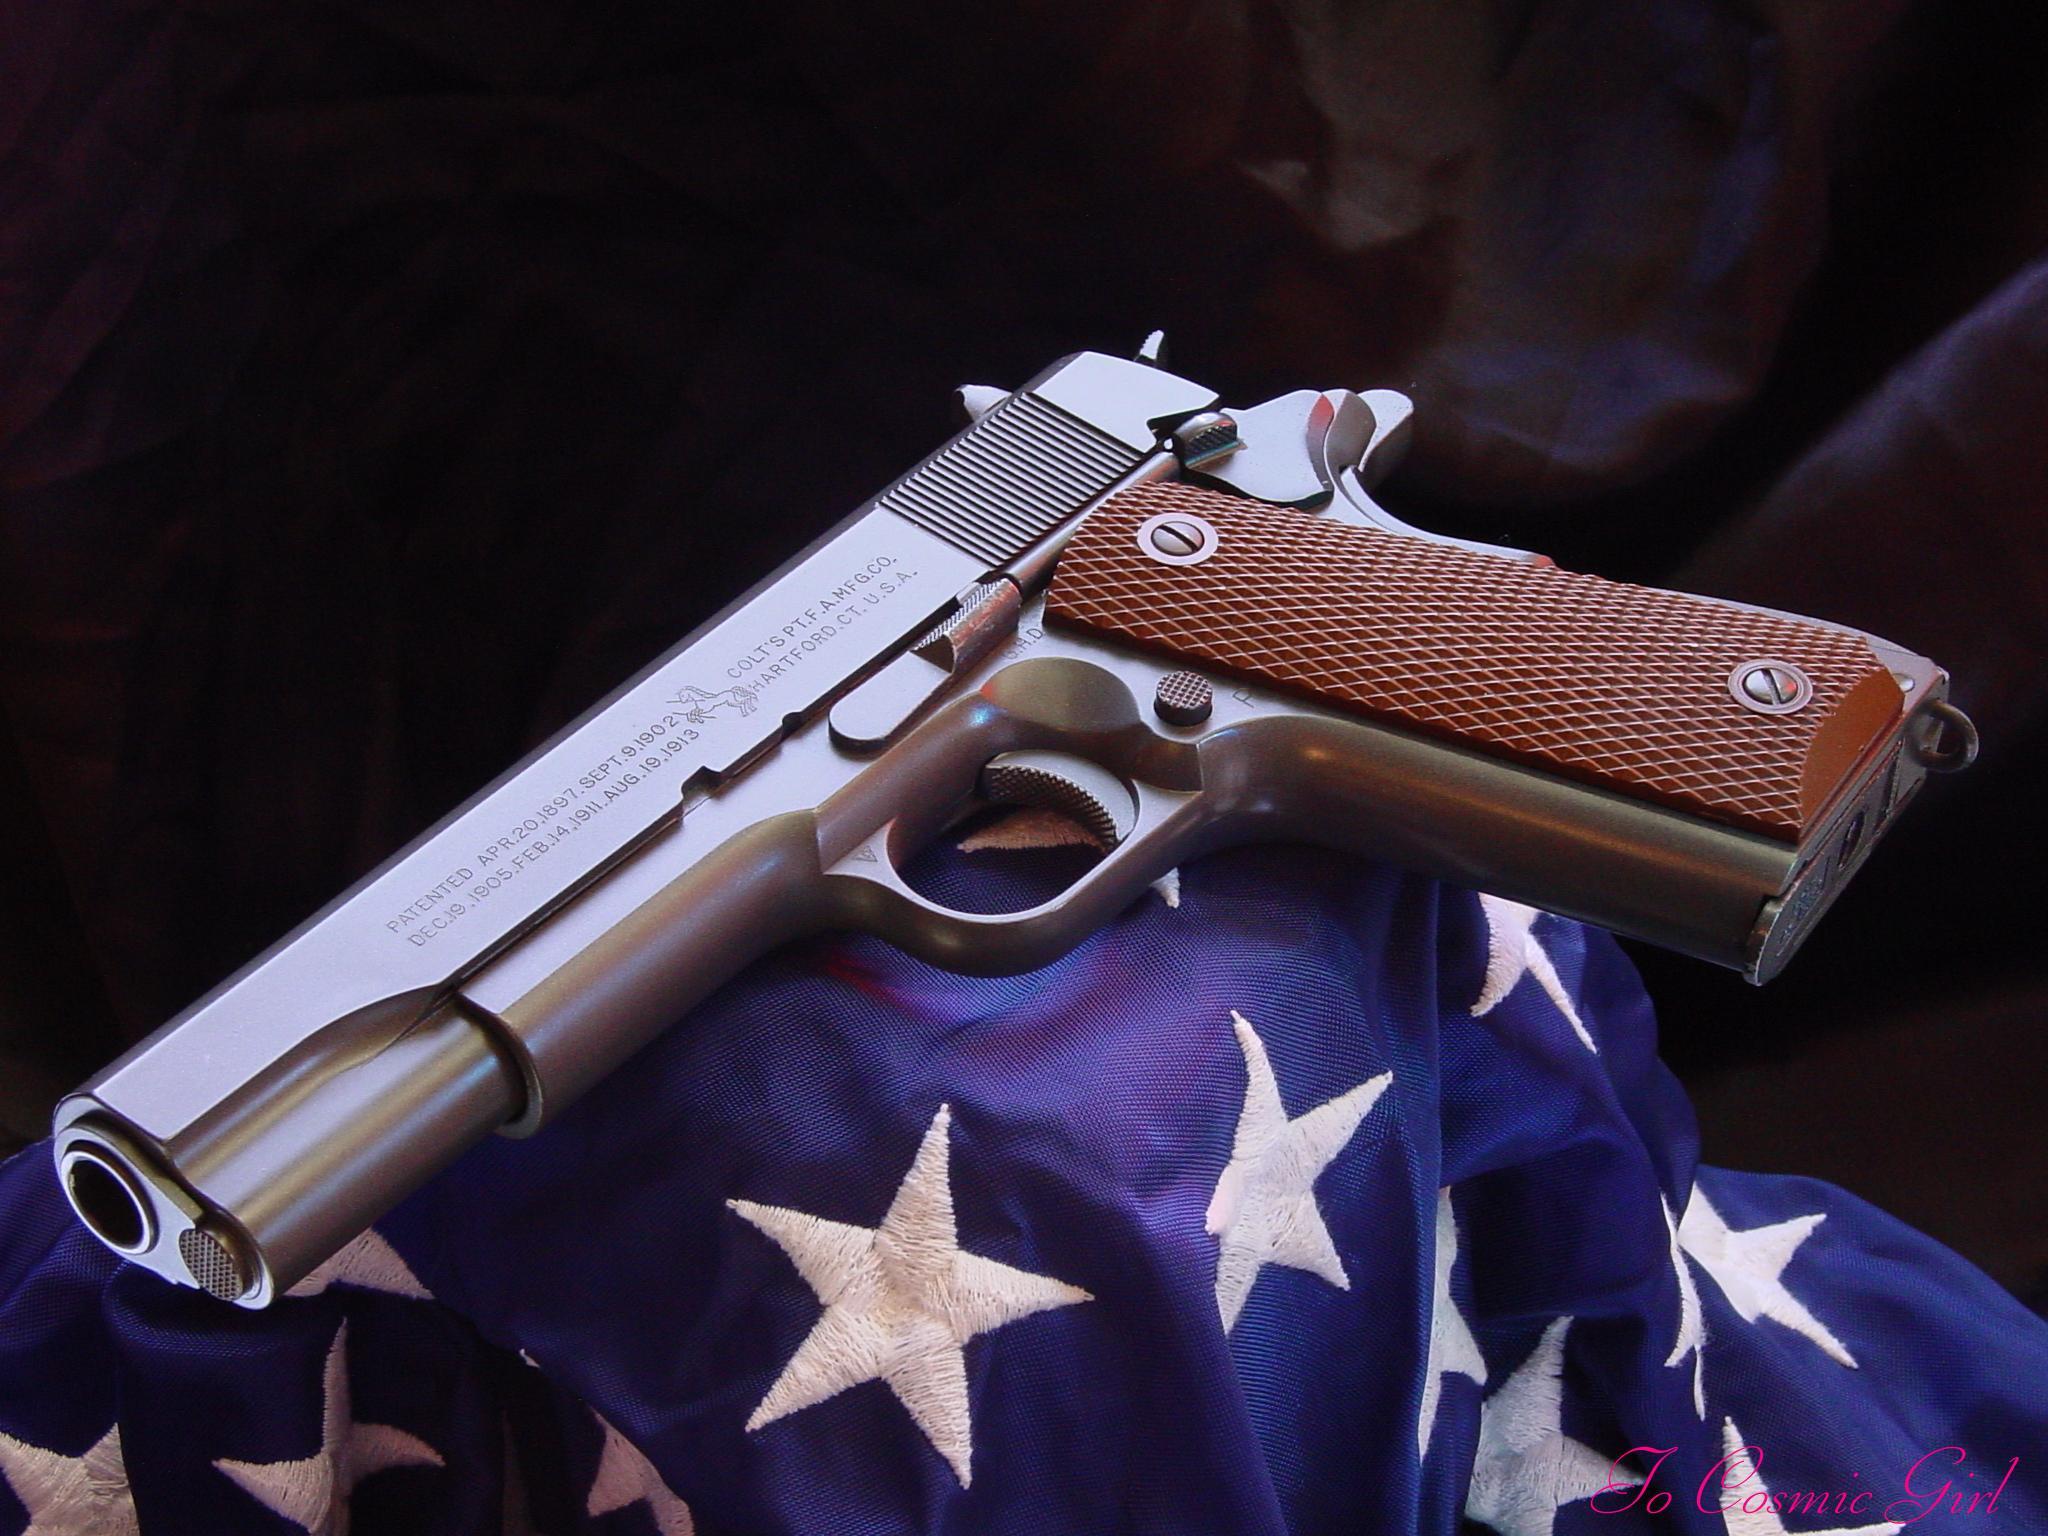 Colt 1911 Wallpaper 2048x1536